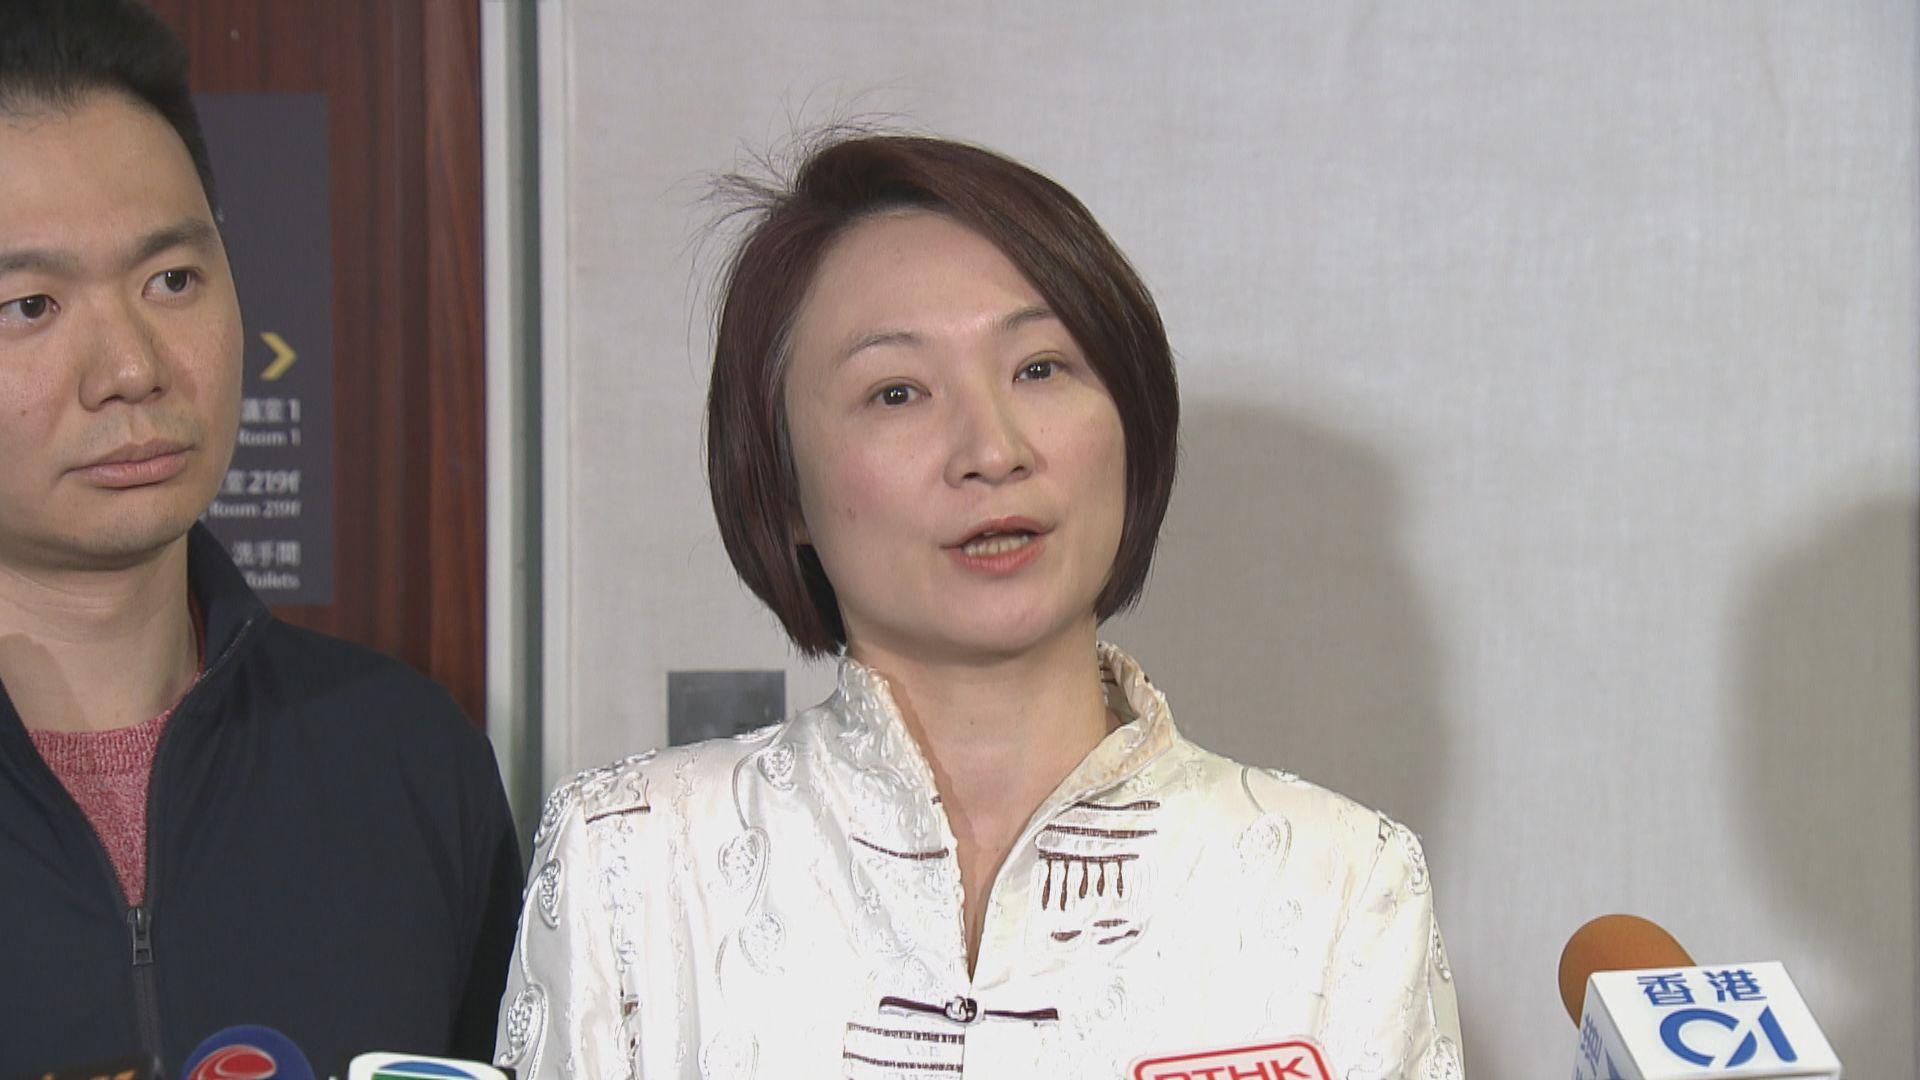 李慧琼:政府移交疑犯修例可堵塞漏洞